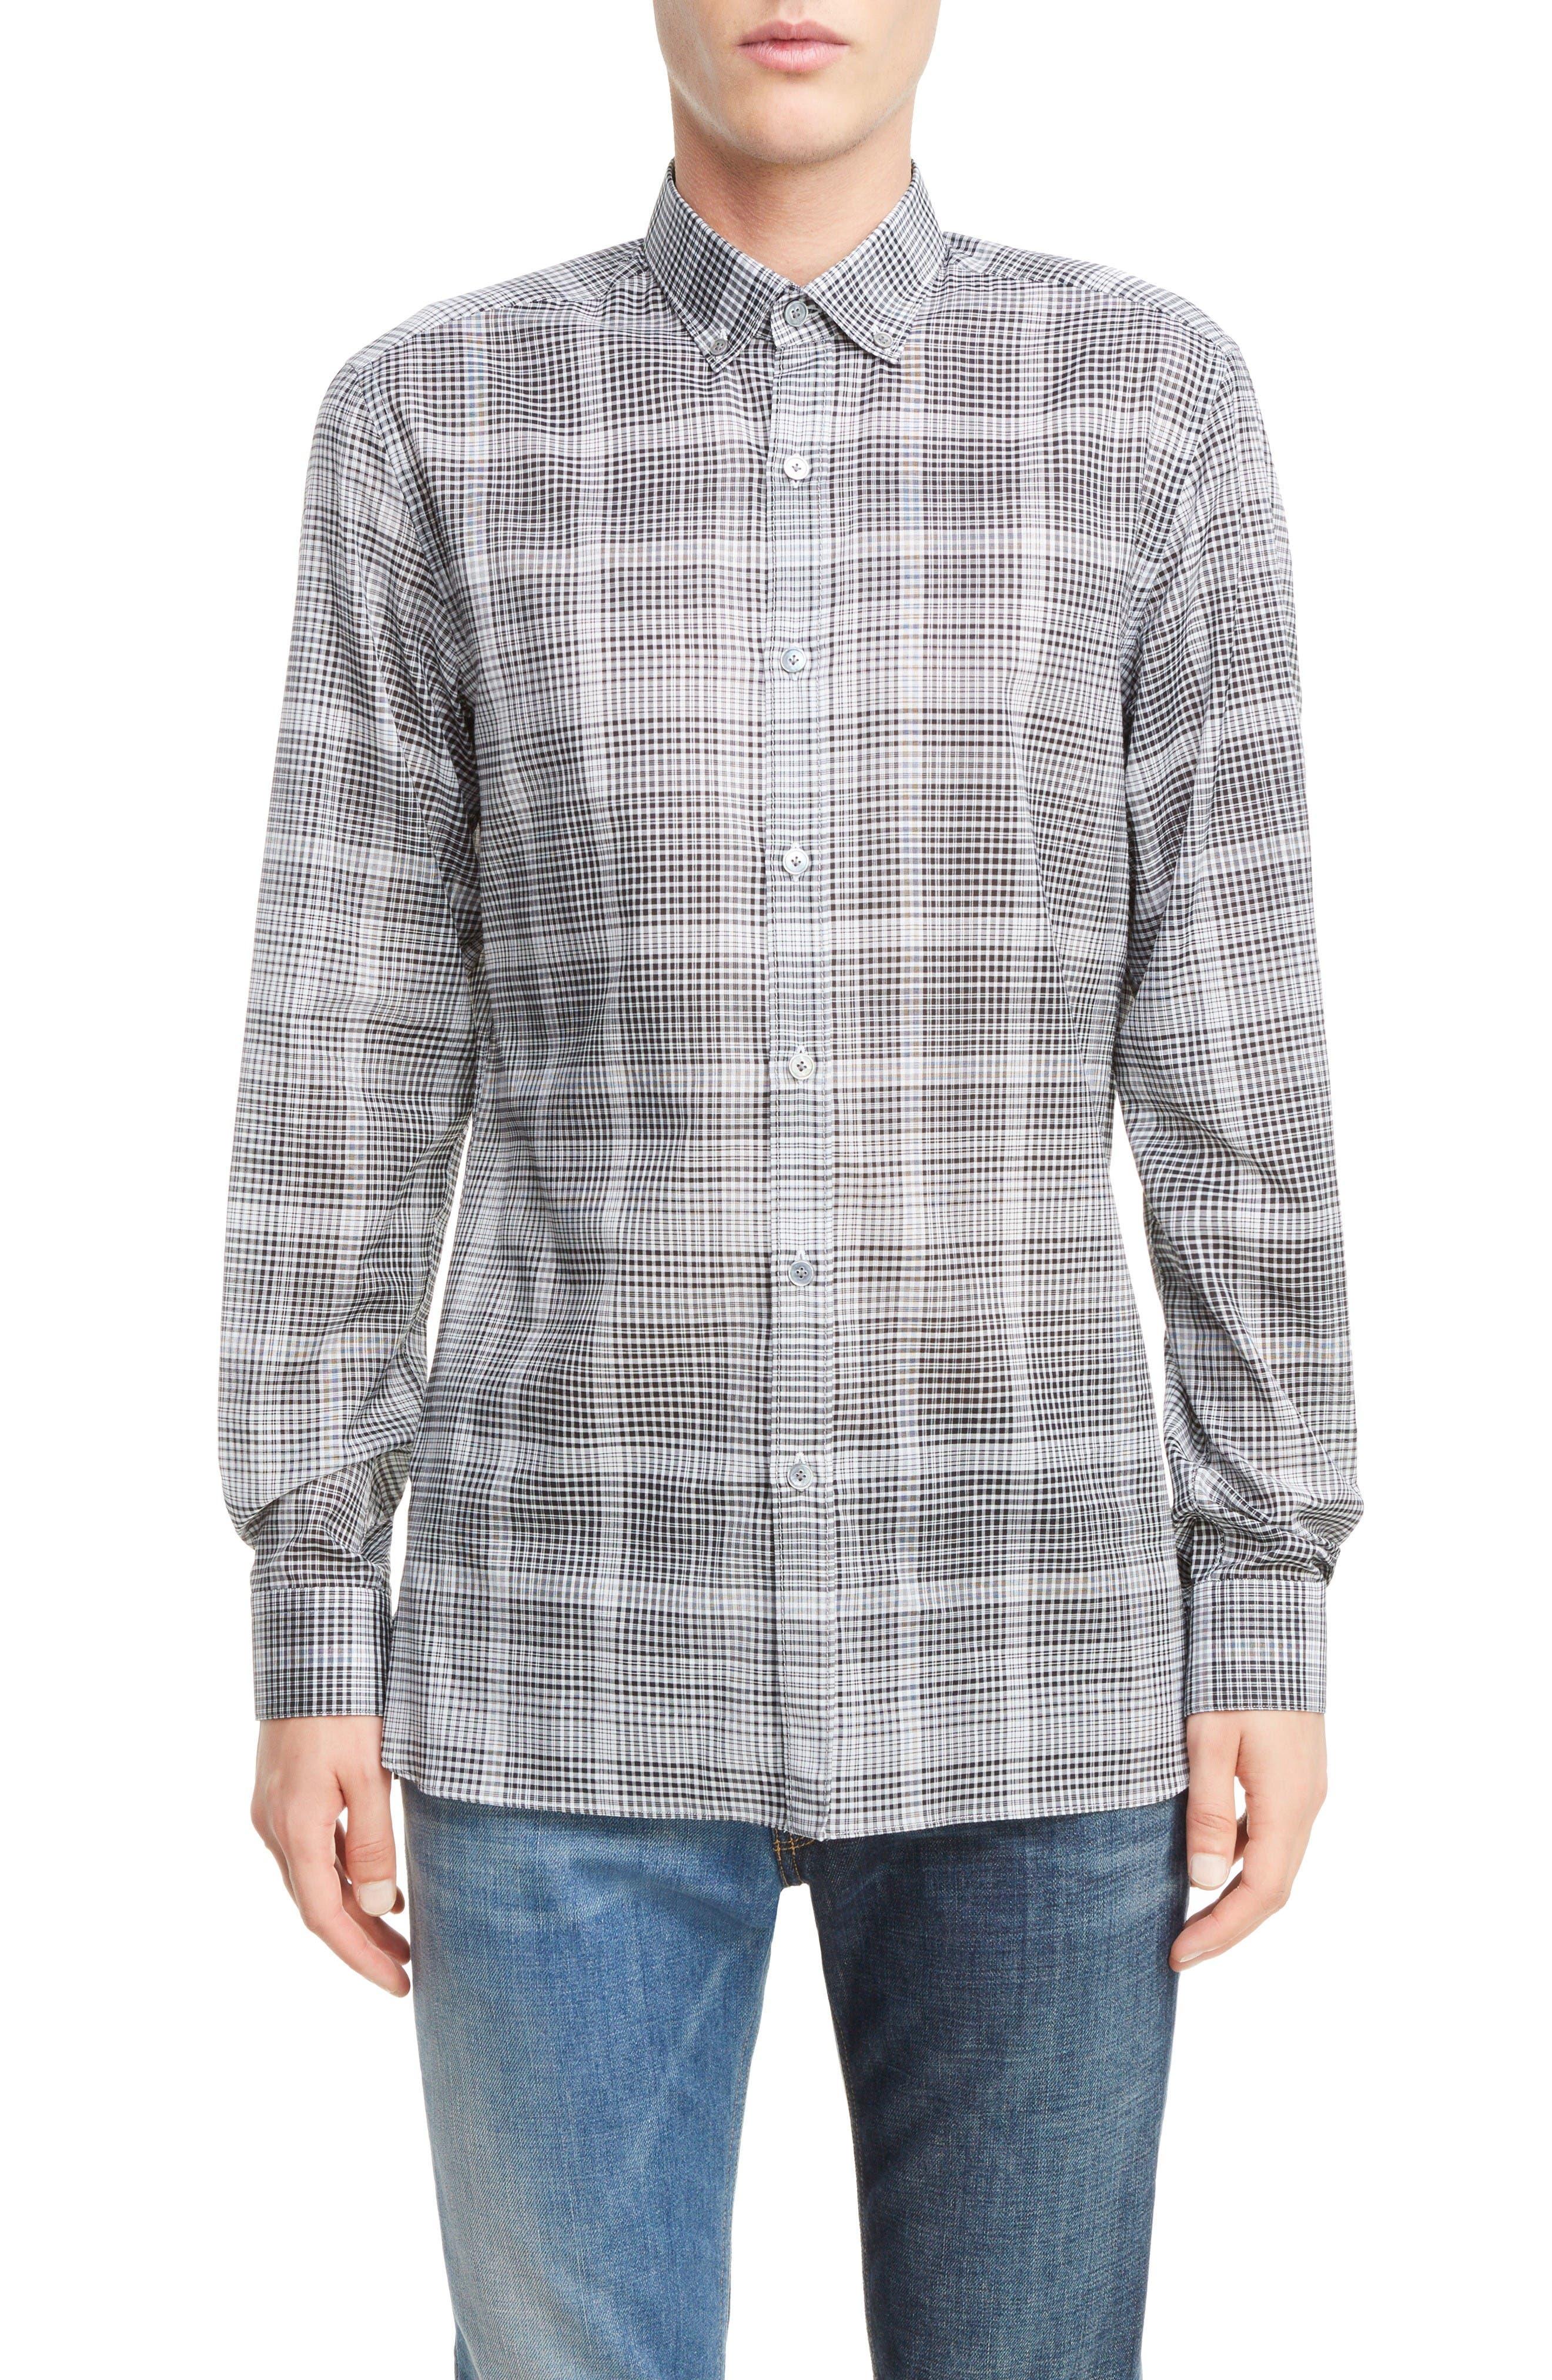 LANVIN Plaid Cotton Sport Shirt